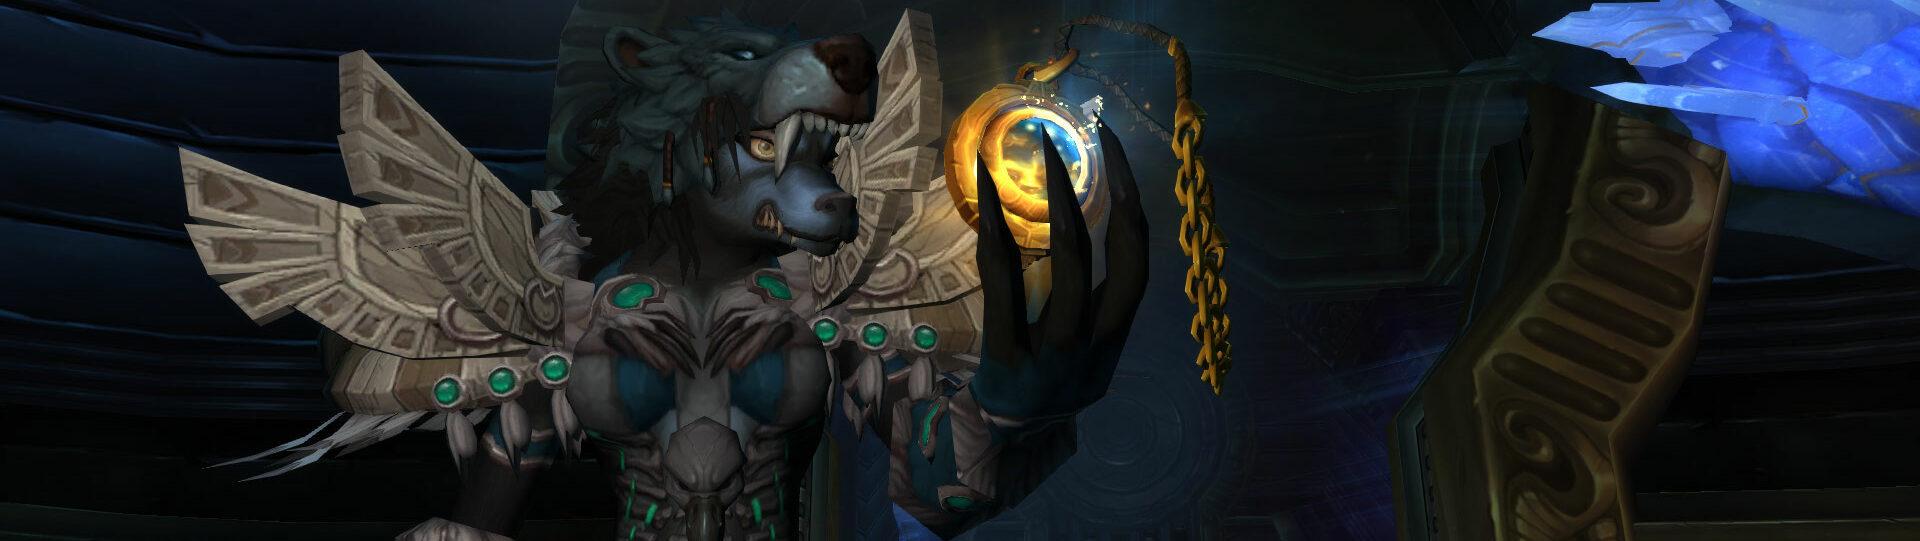 The Scruffy Druid